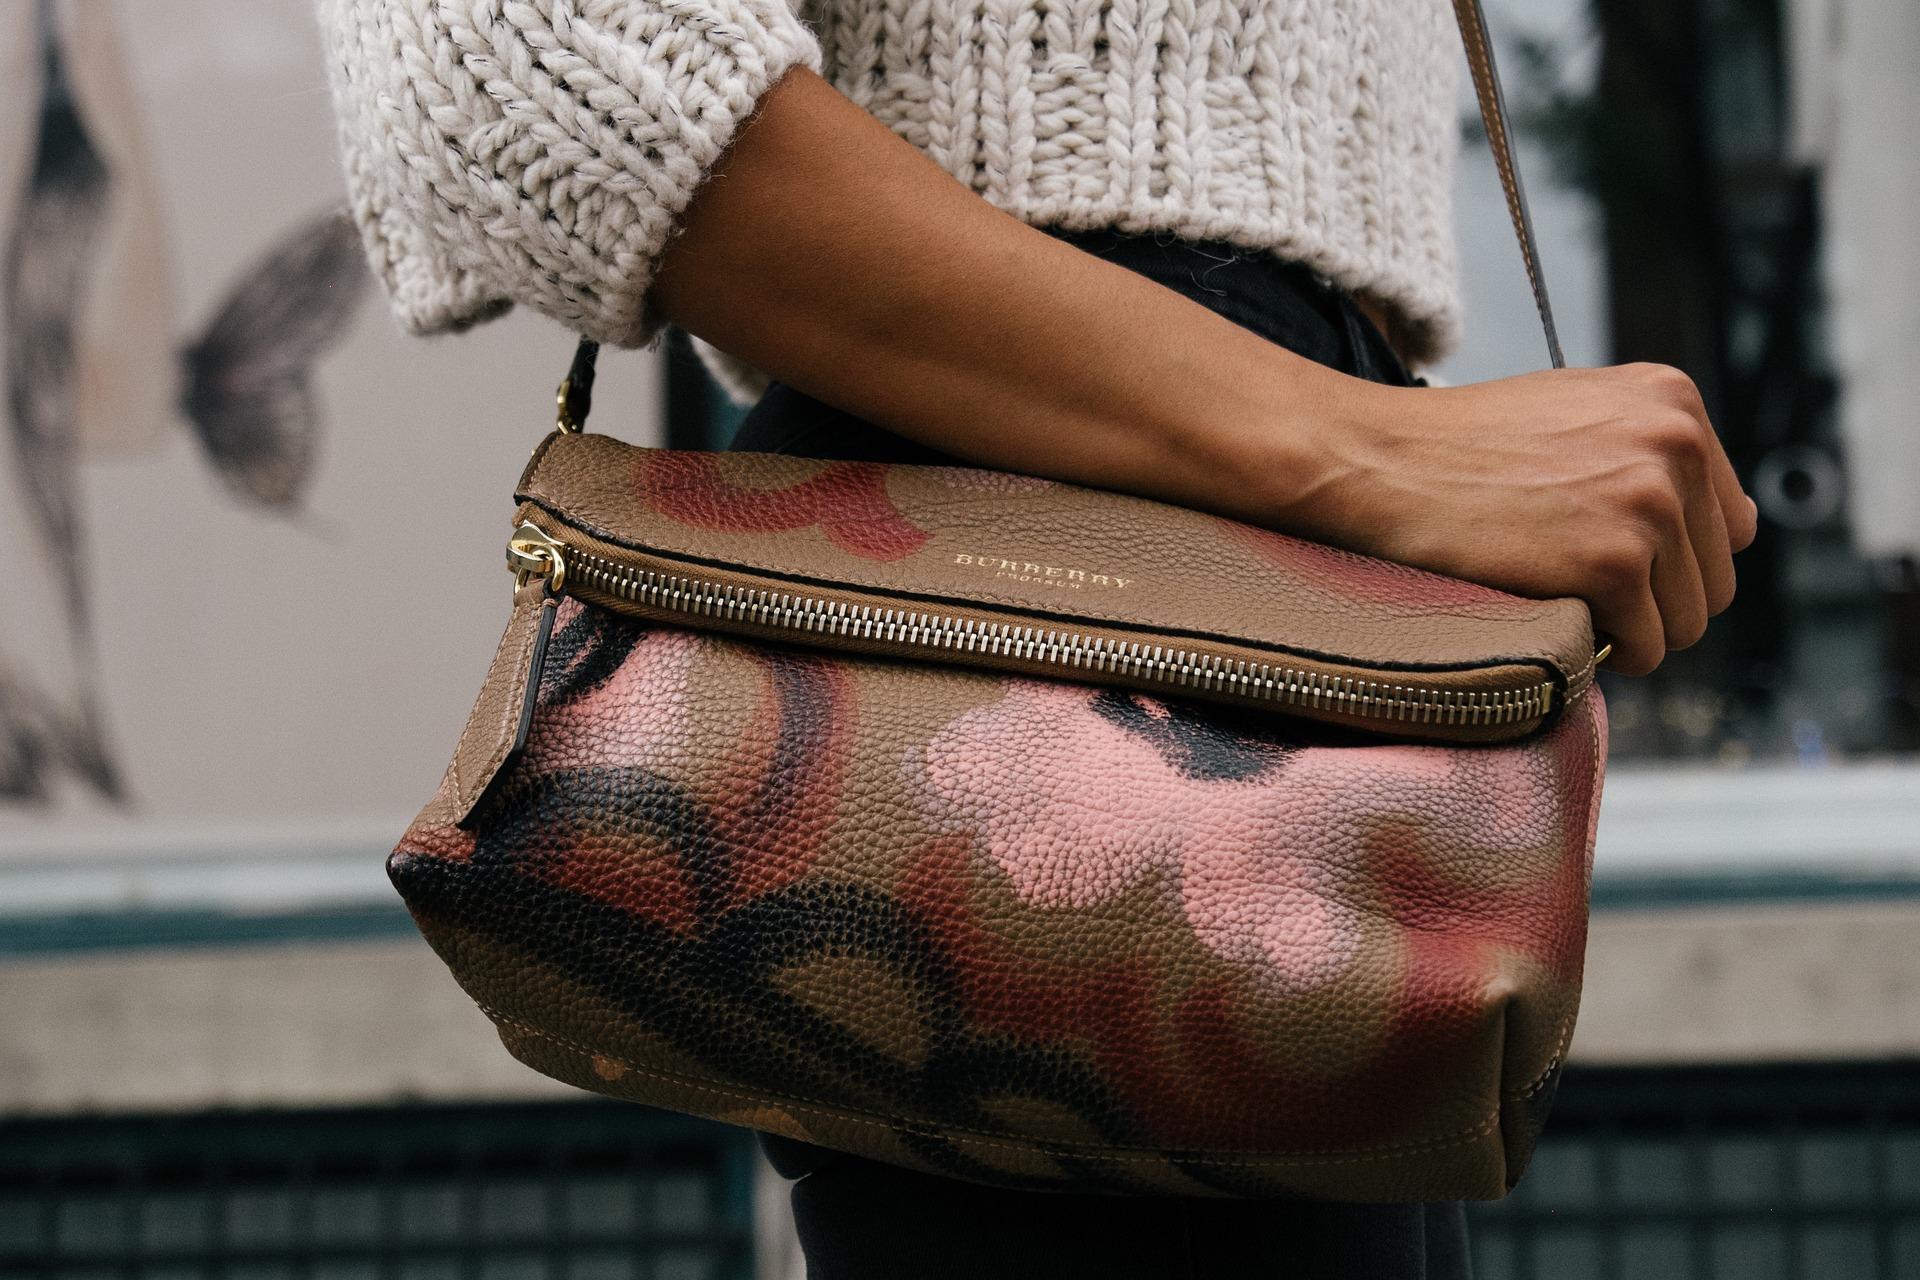 Los 10 bolsos de moda para la temporada